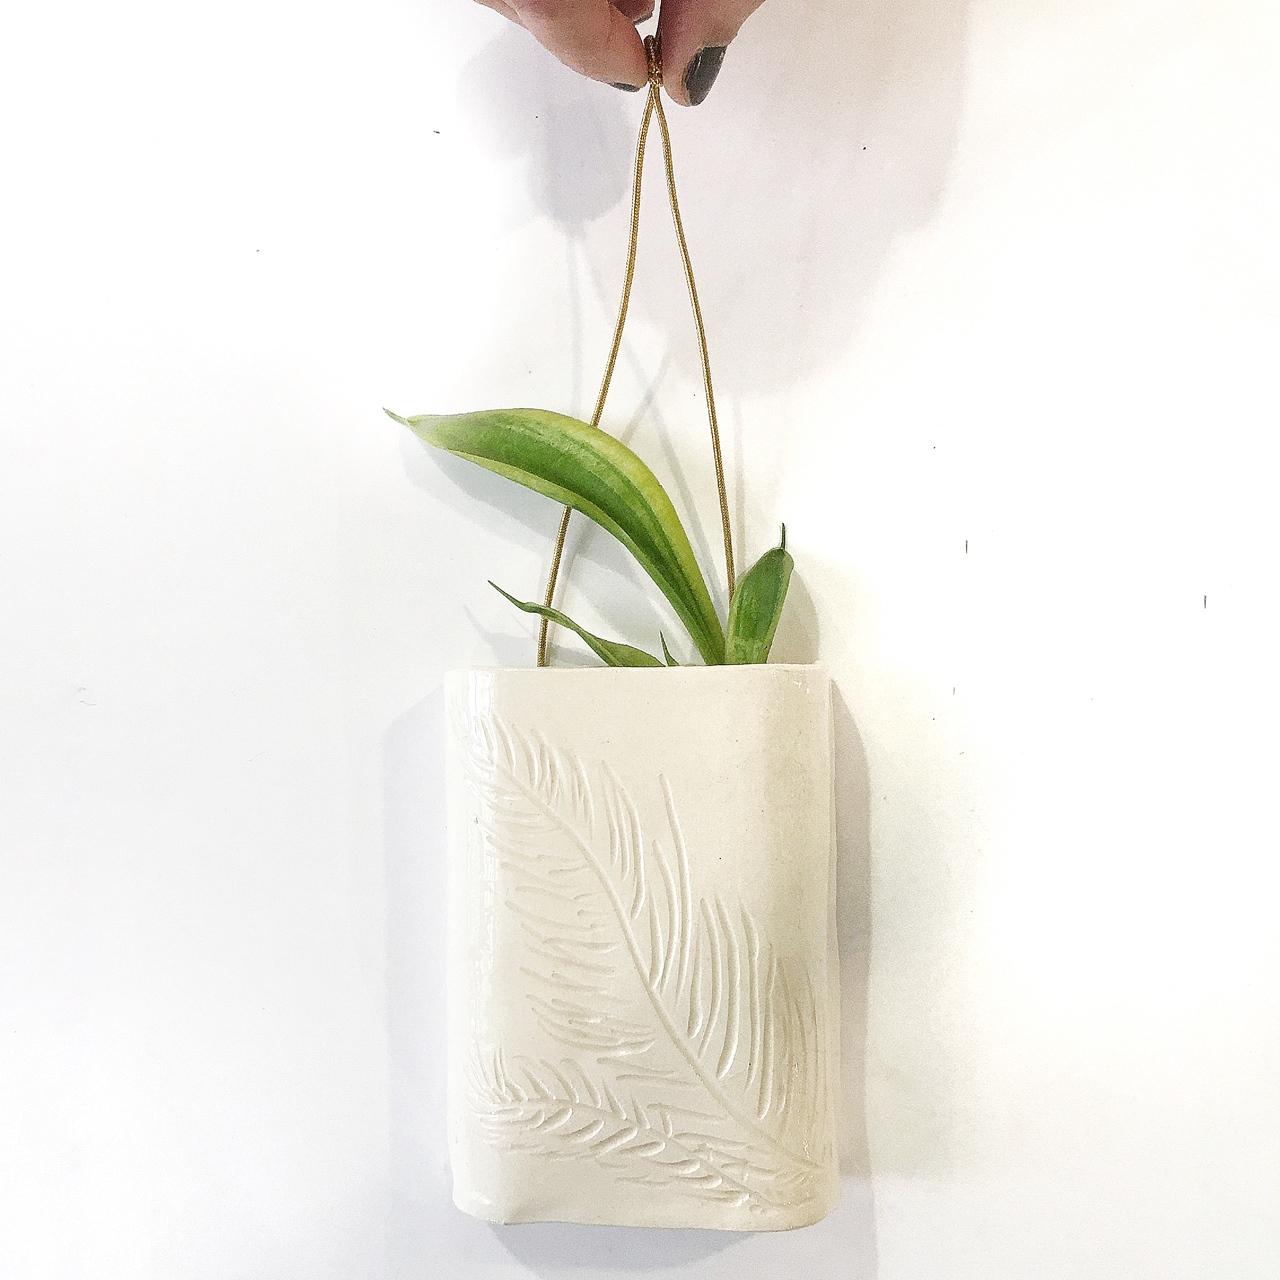 Wall vase I - Le Voilà